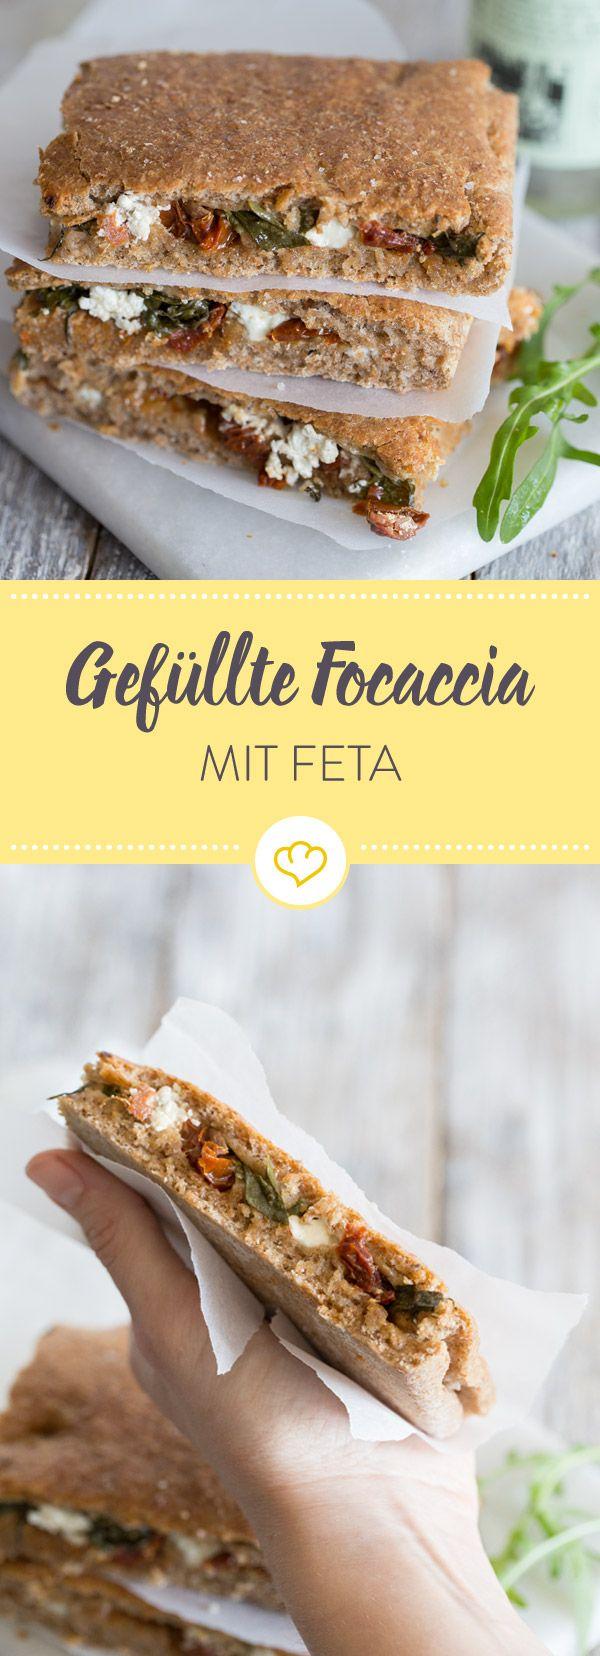 Ein kleines Kraftpaket: Vollkorn-Foccacia mit einer Füllung aus Feta, getrockneten Tomaten und Rucola. Das macht satt - und dabei auch sehr glücklich.